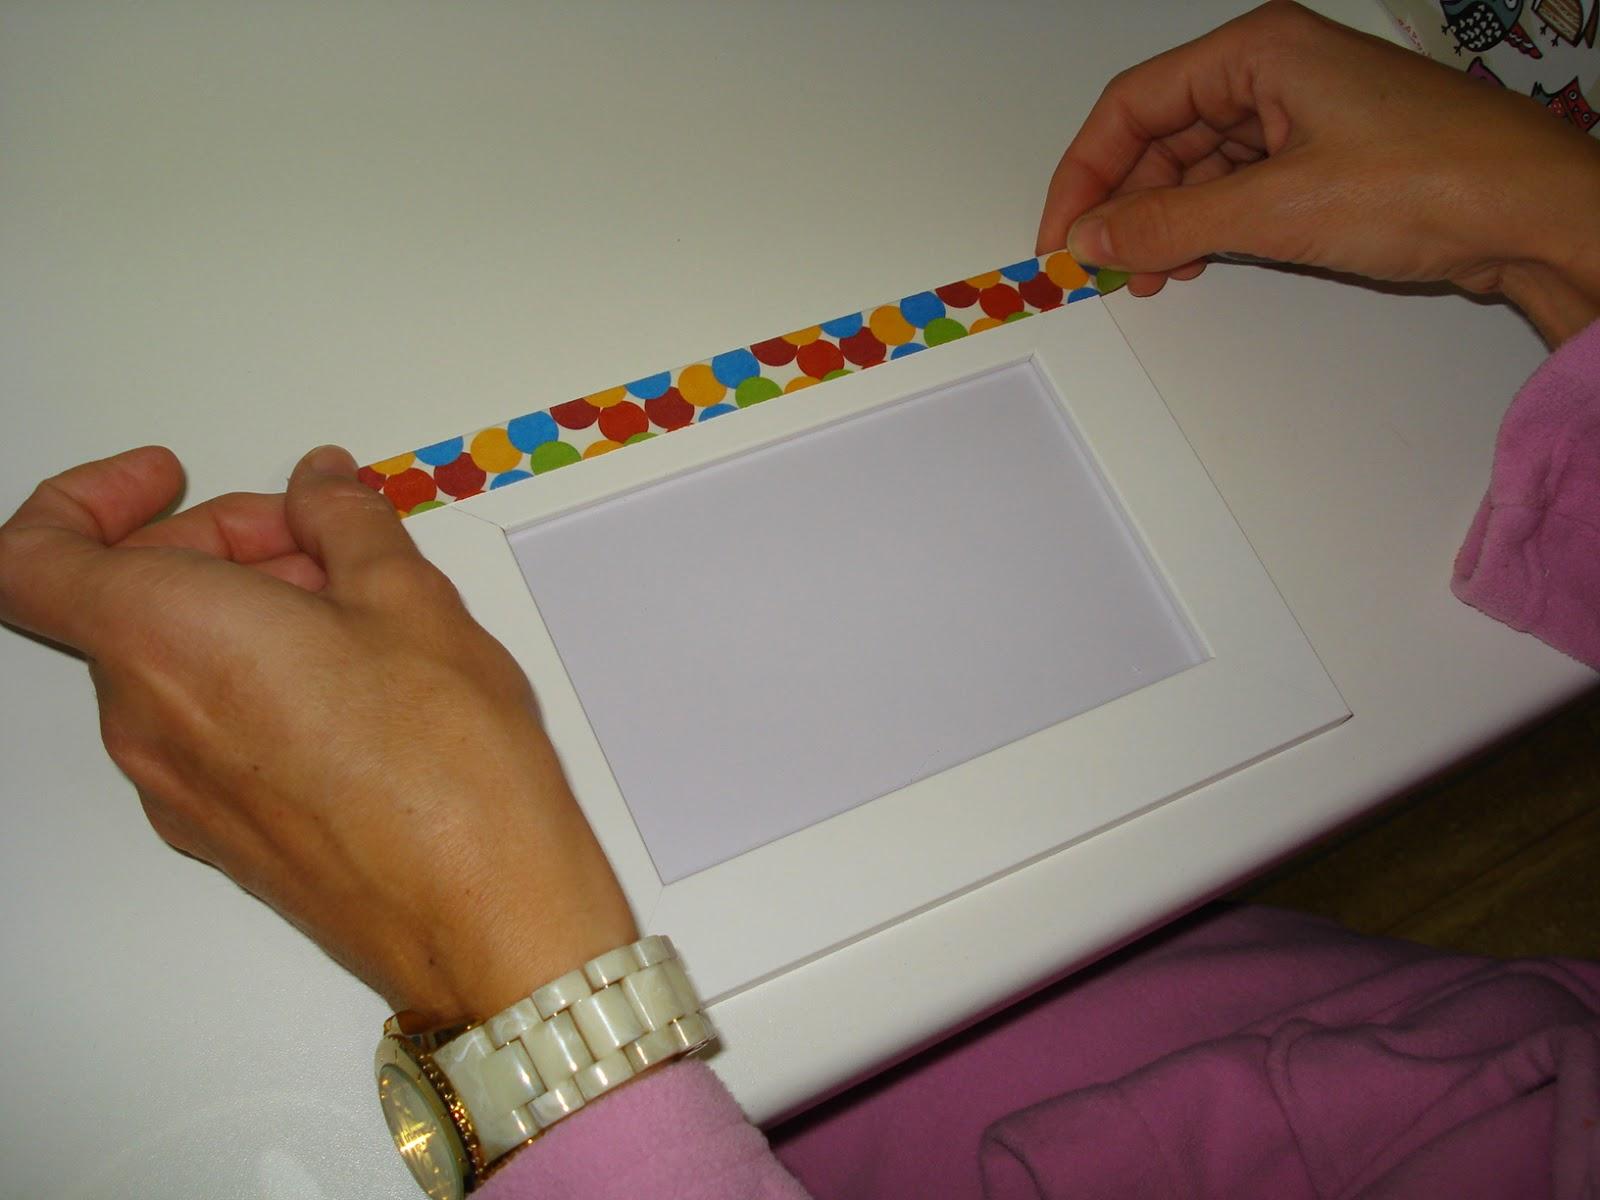 La nube de eli c mo decorar un marco de fotos con washi tape - Como decorar con washi tape ...